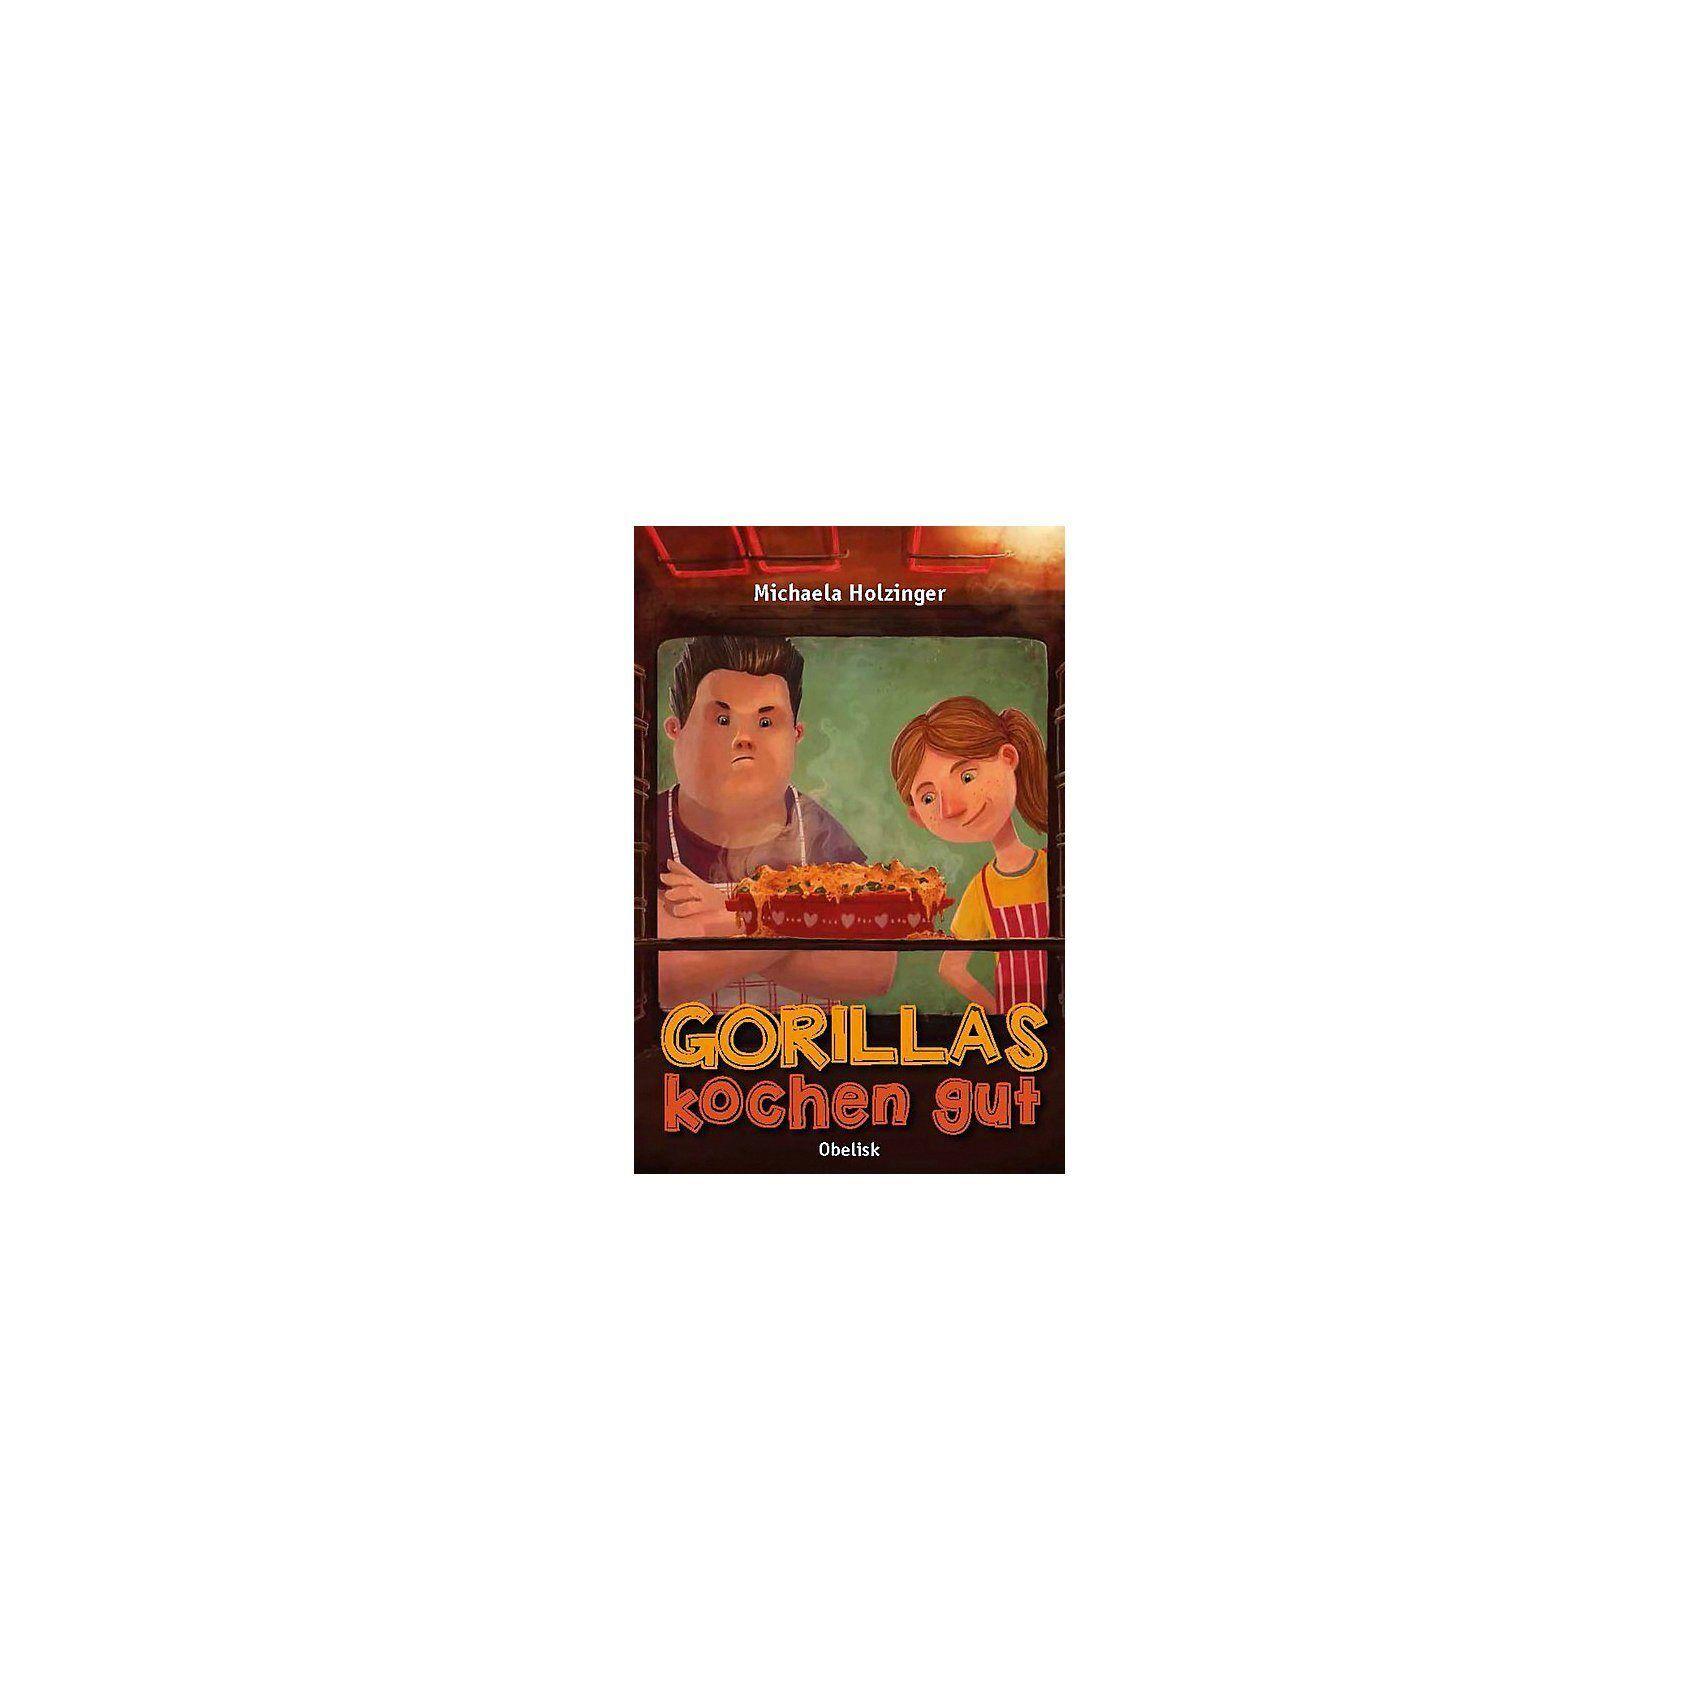 Gorillas kochen gut